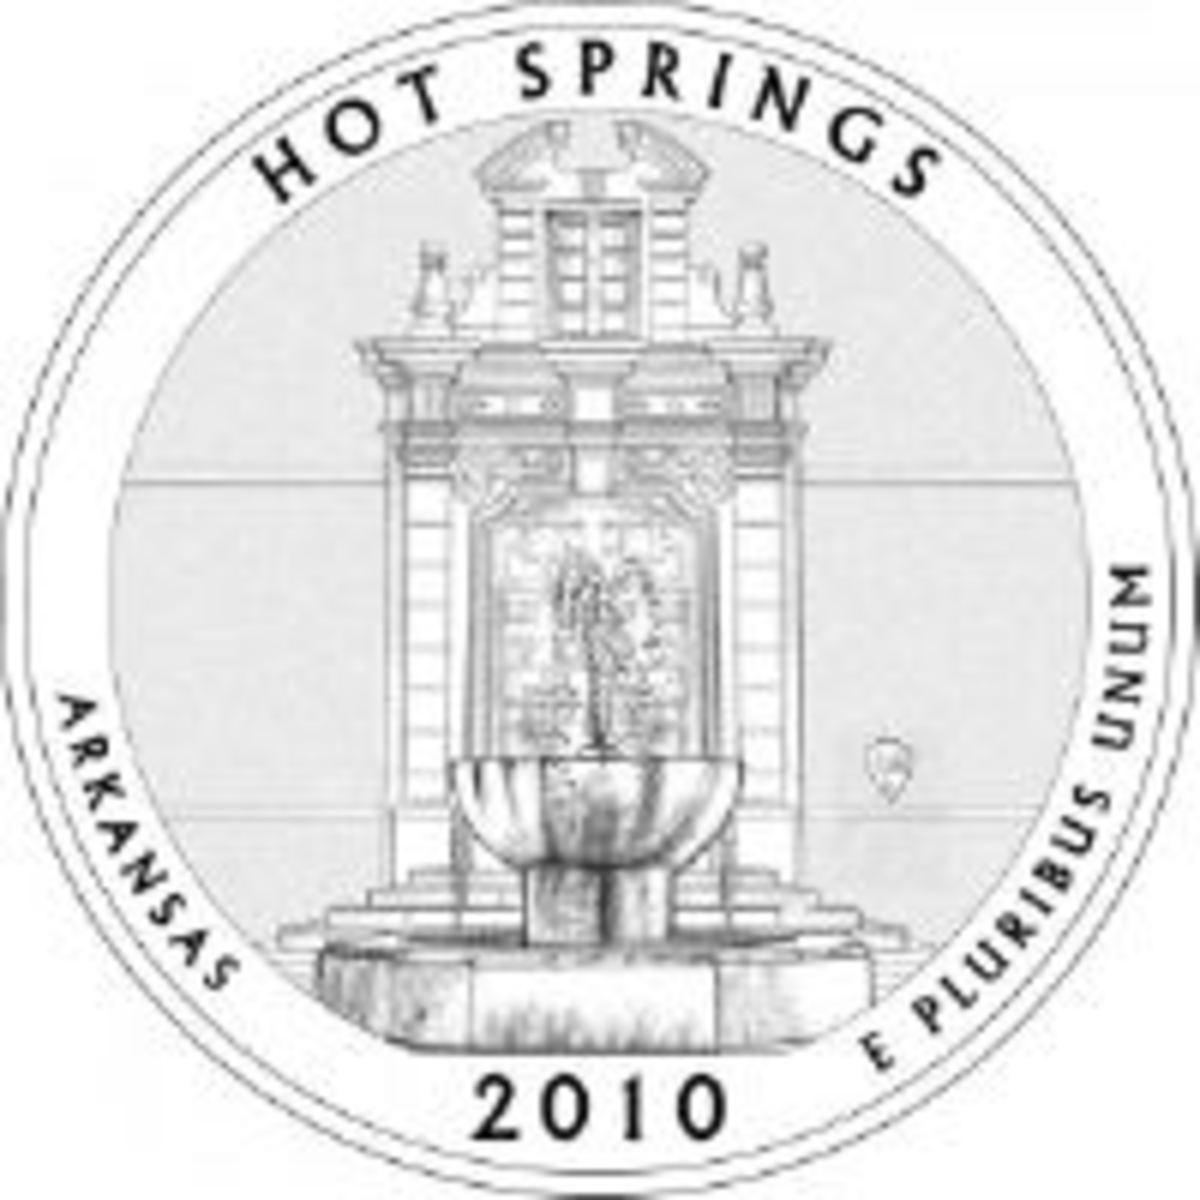 hotsprings0511.jpg